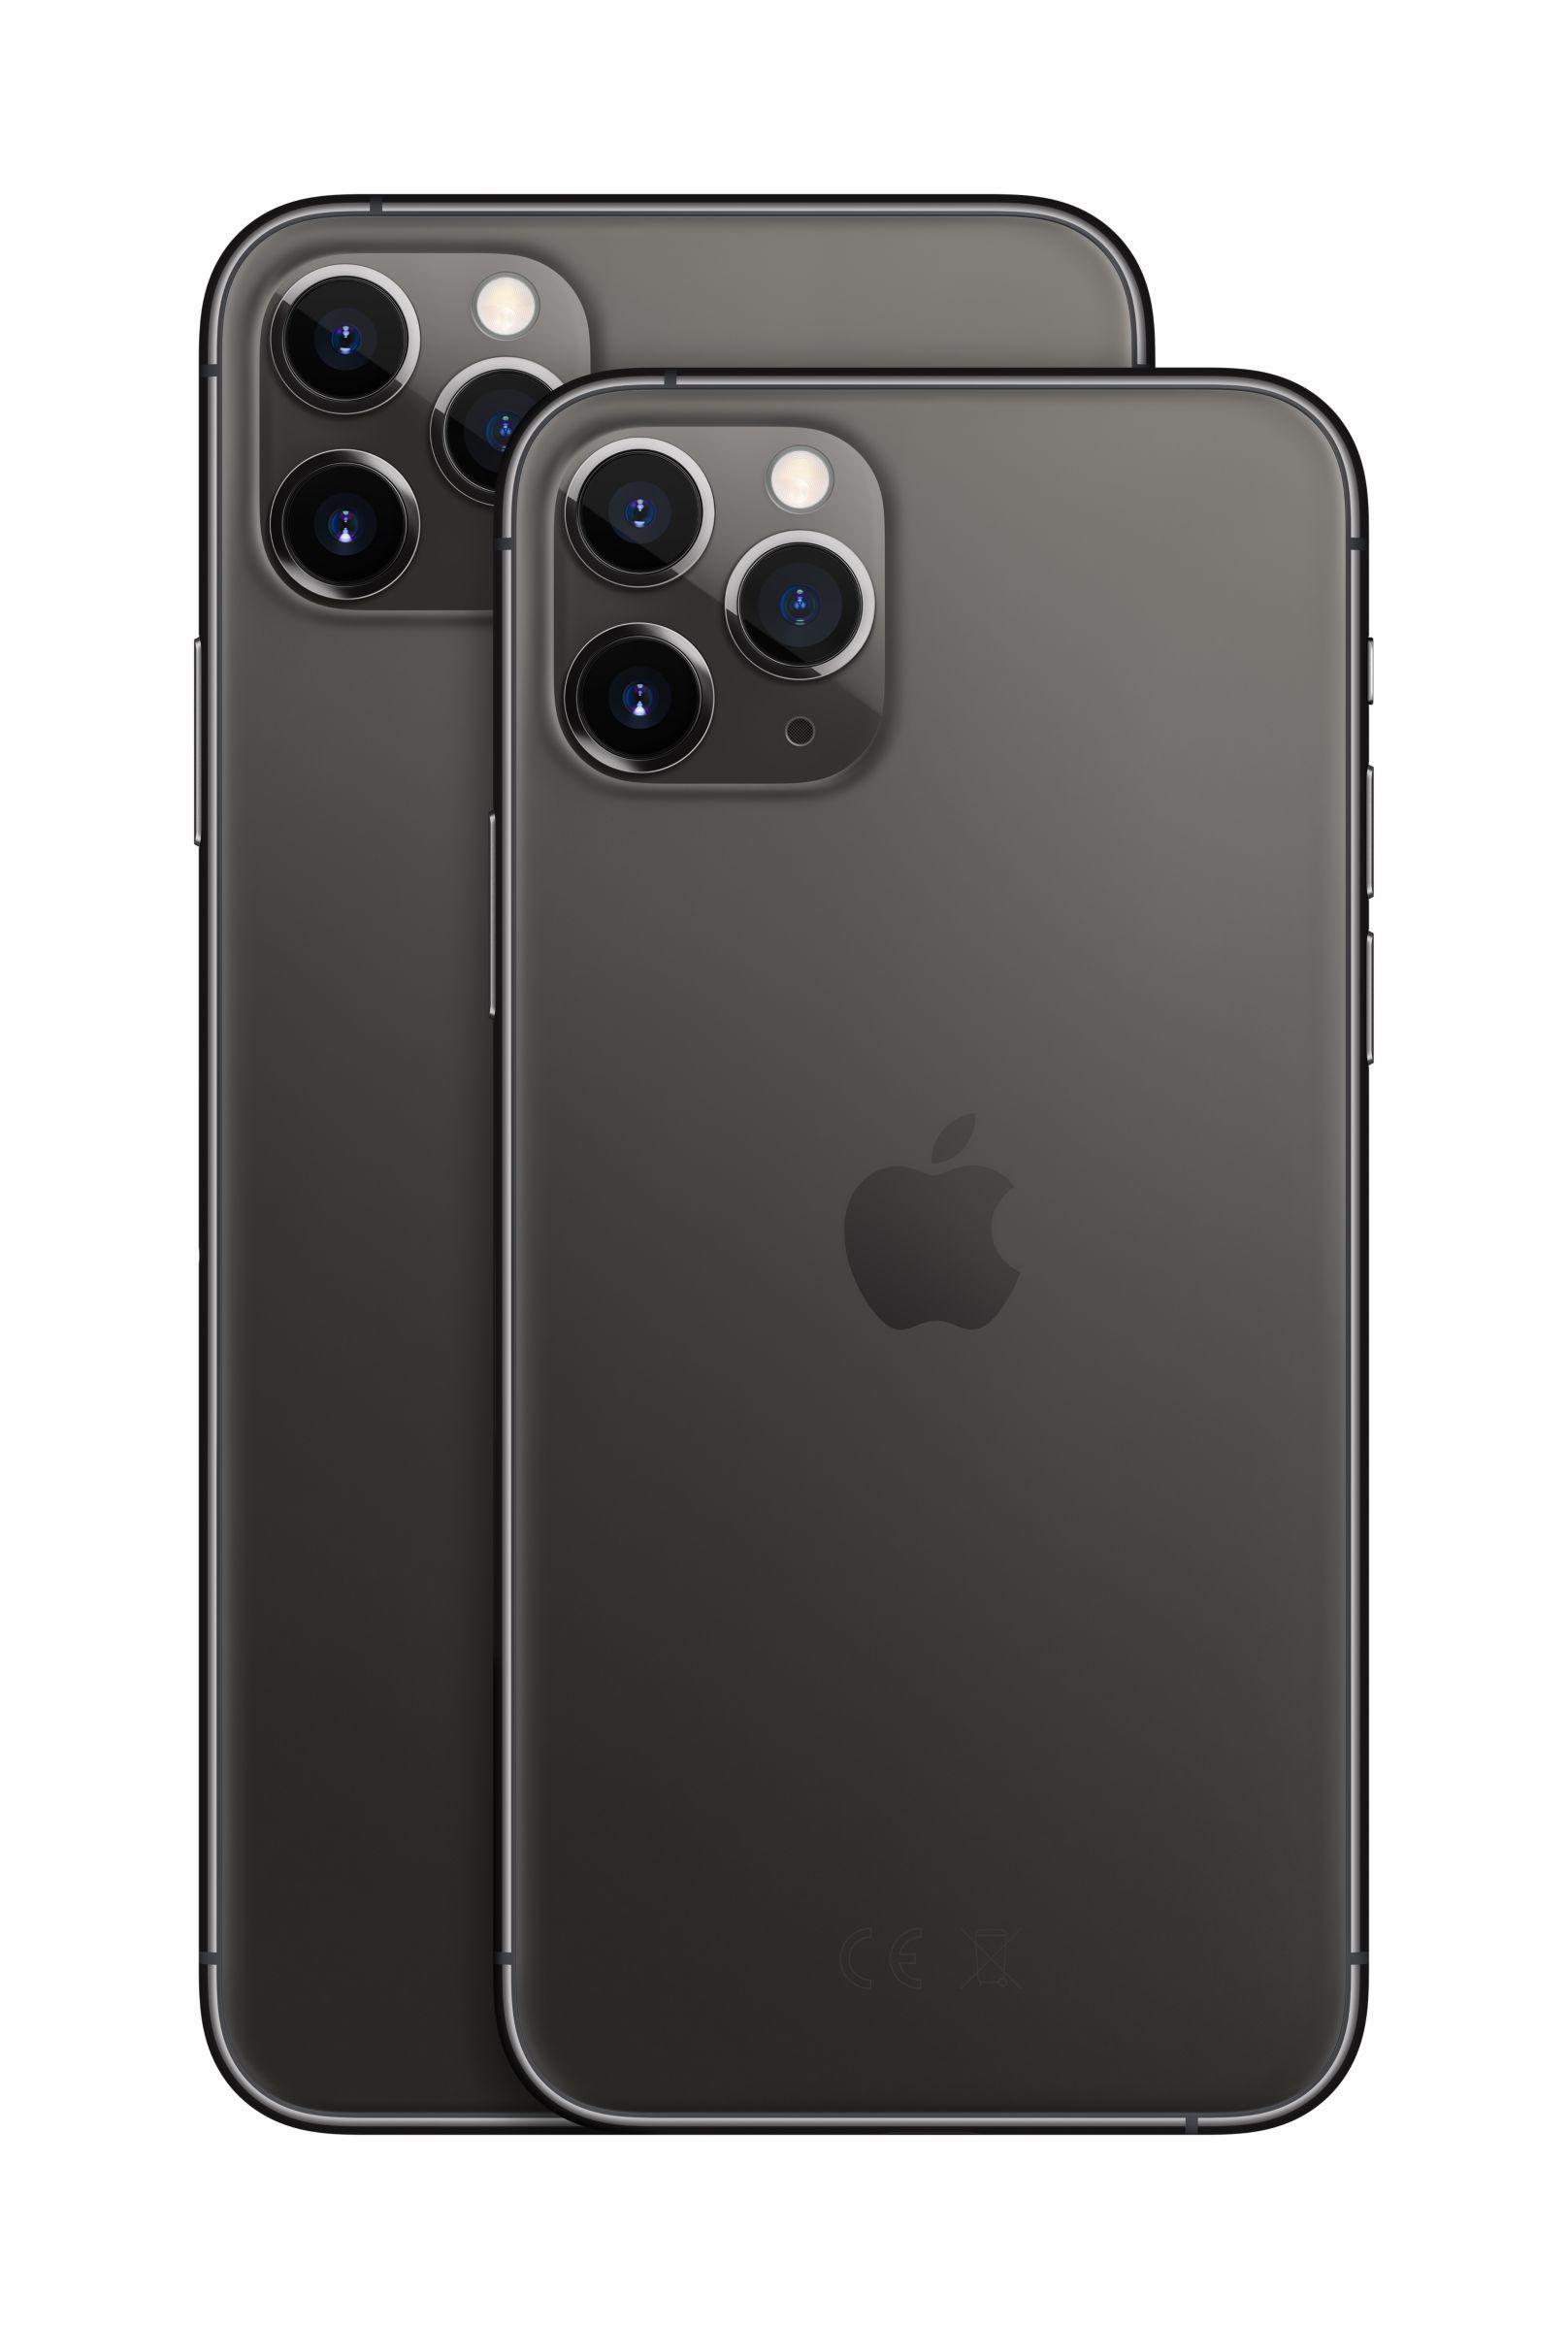 Apple iphone 11 pro max ios 65 4g lte sim free 256gb